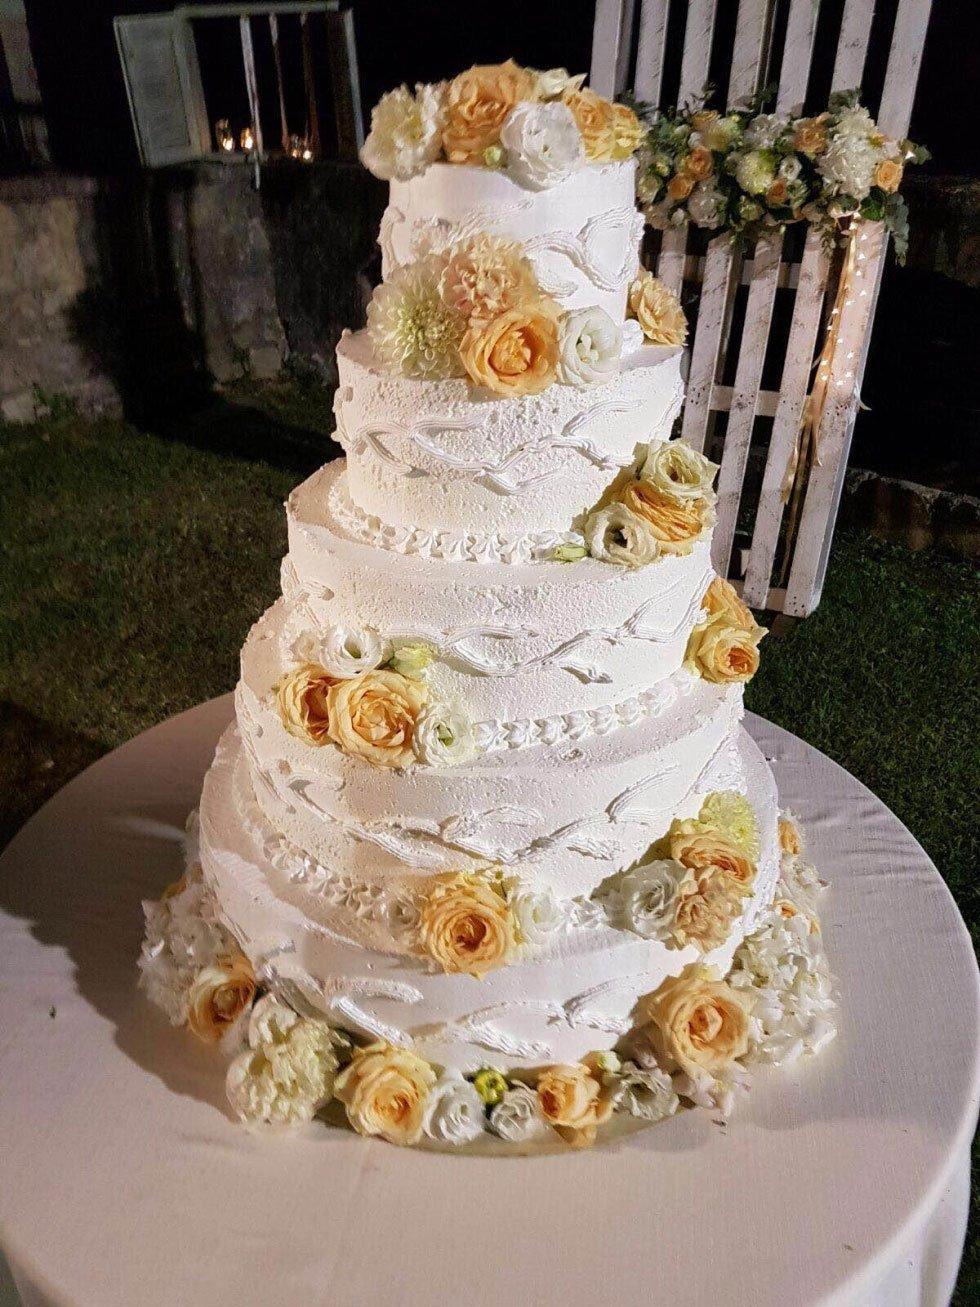 una torta a più livelli con panna e delle rose bianche e arancioni